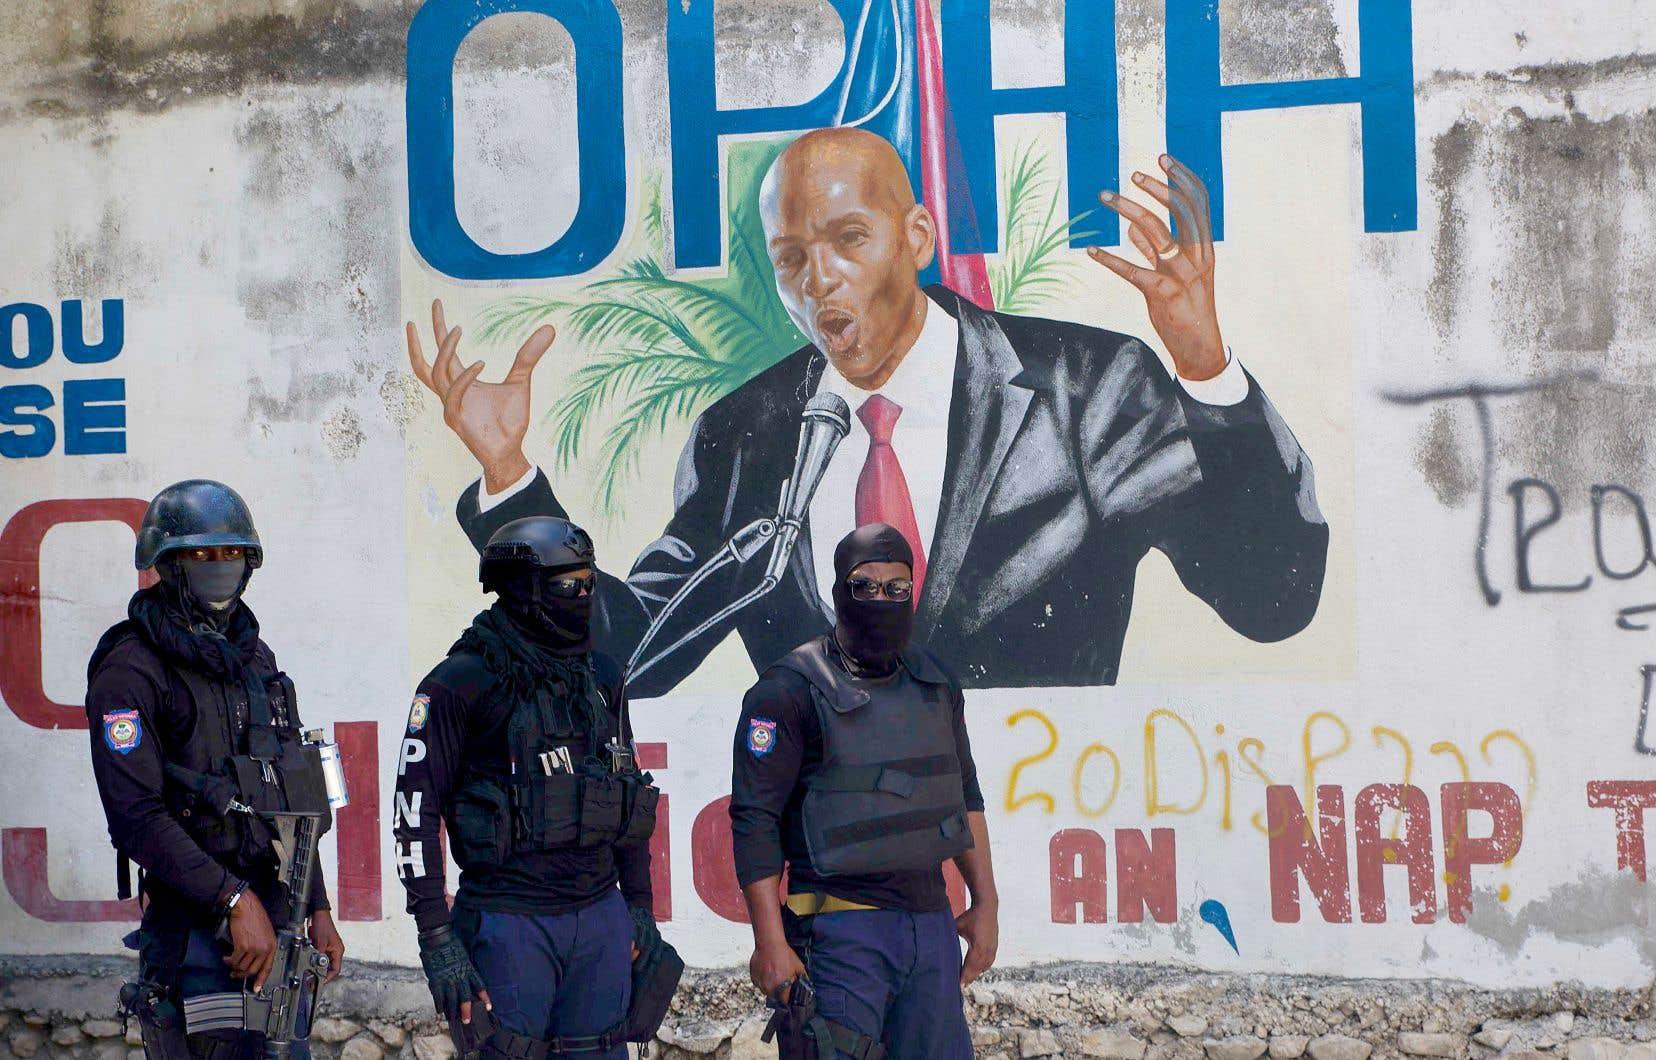 Des policiers montaient la garde mercredi près du palais présidentiel dans le quartier Pétion-Ville, à Port-au-Prince.